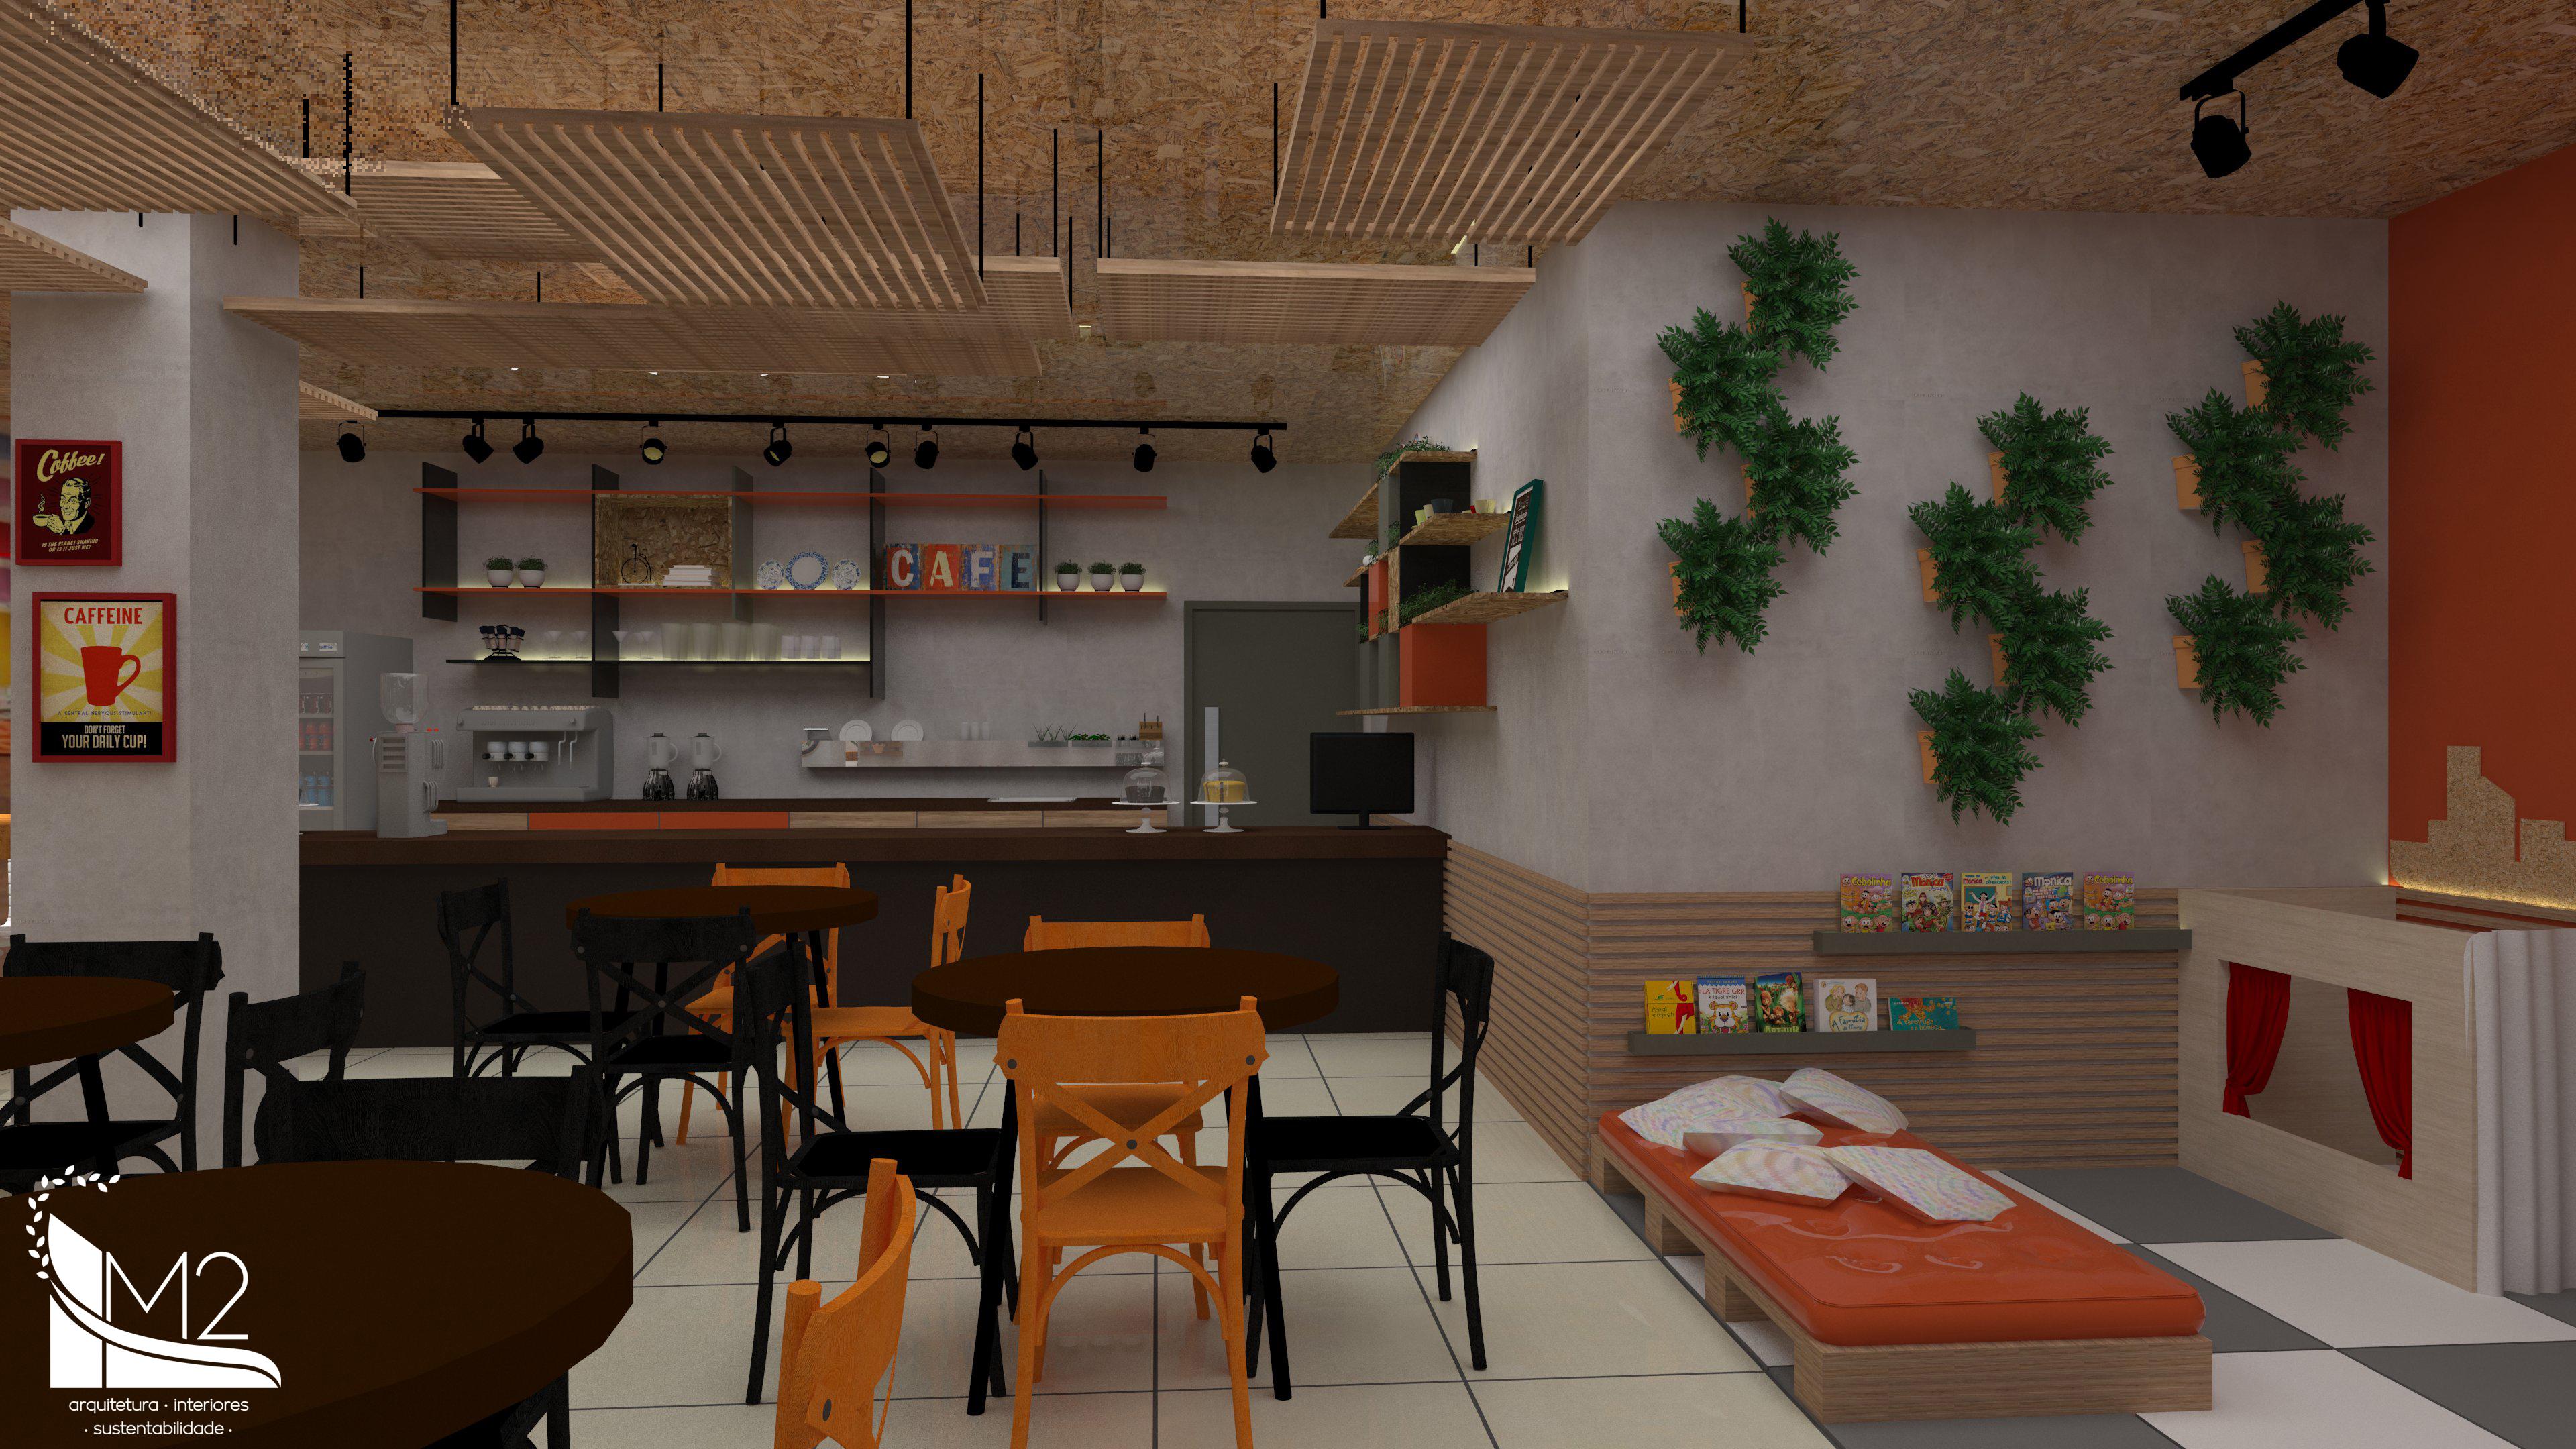 Café S.C